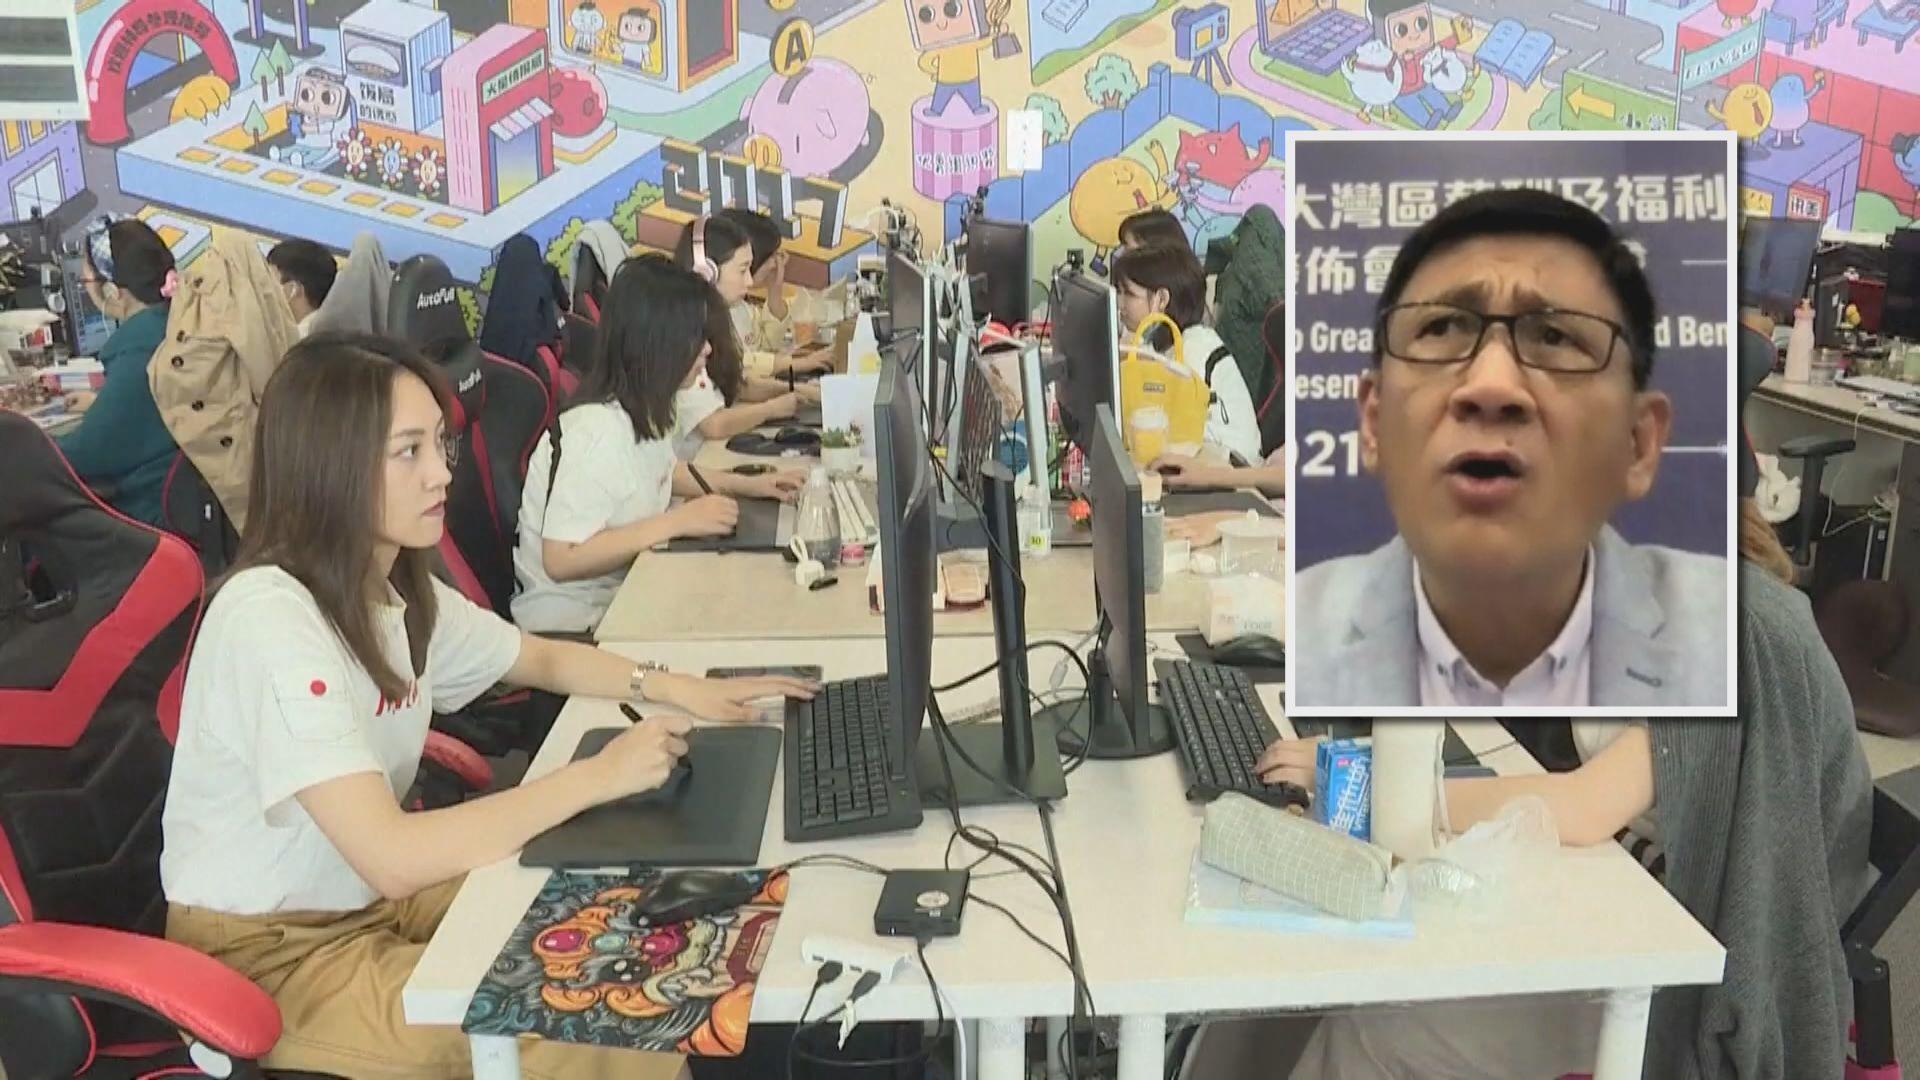 學者:廣東龍頭城市薪酬加福利 整體與香港趨向接近